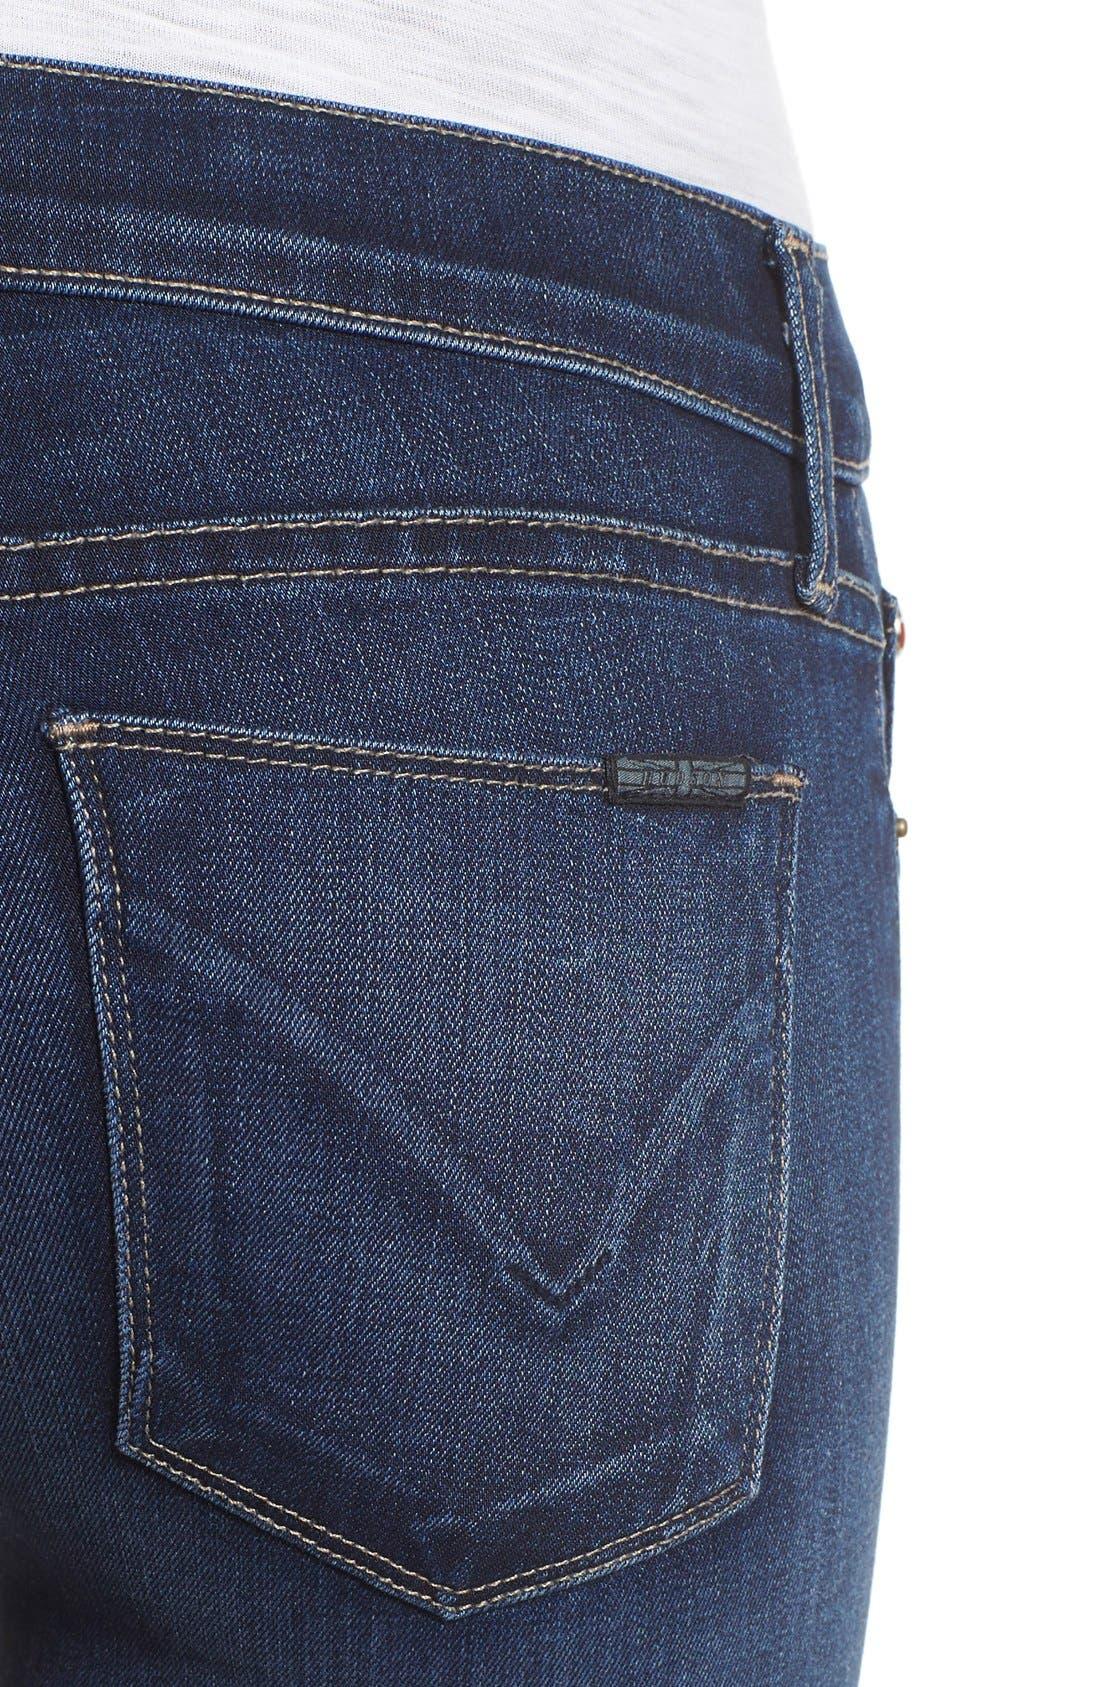 Alternate Image 4  - Hudson Jeans 'Krista' Release Hem Jeans (Crest Falls)